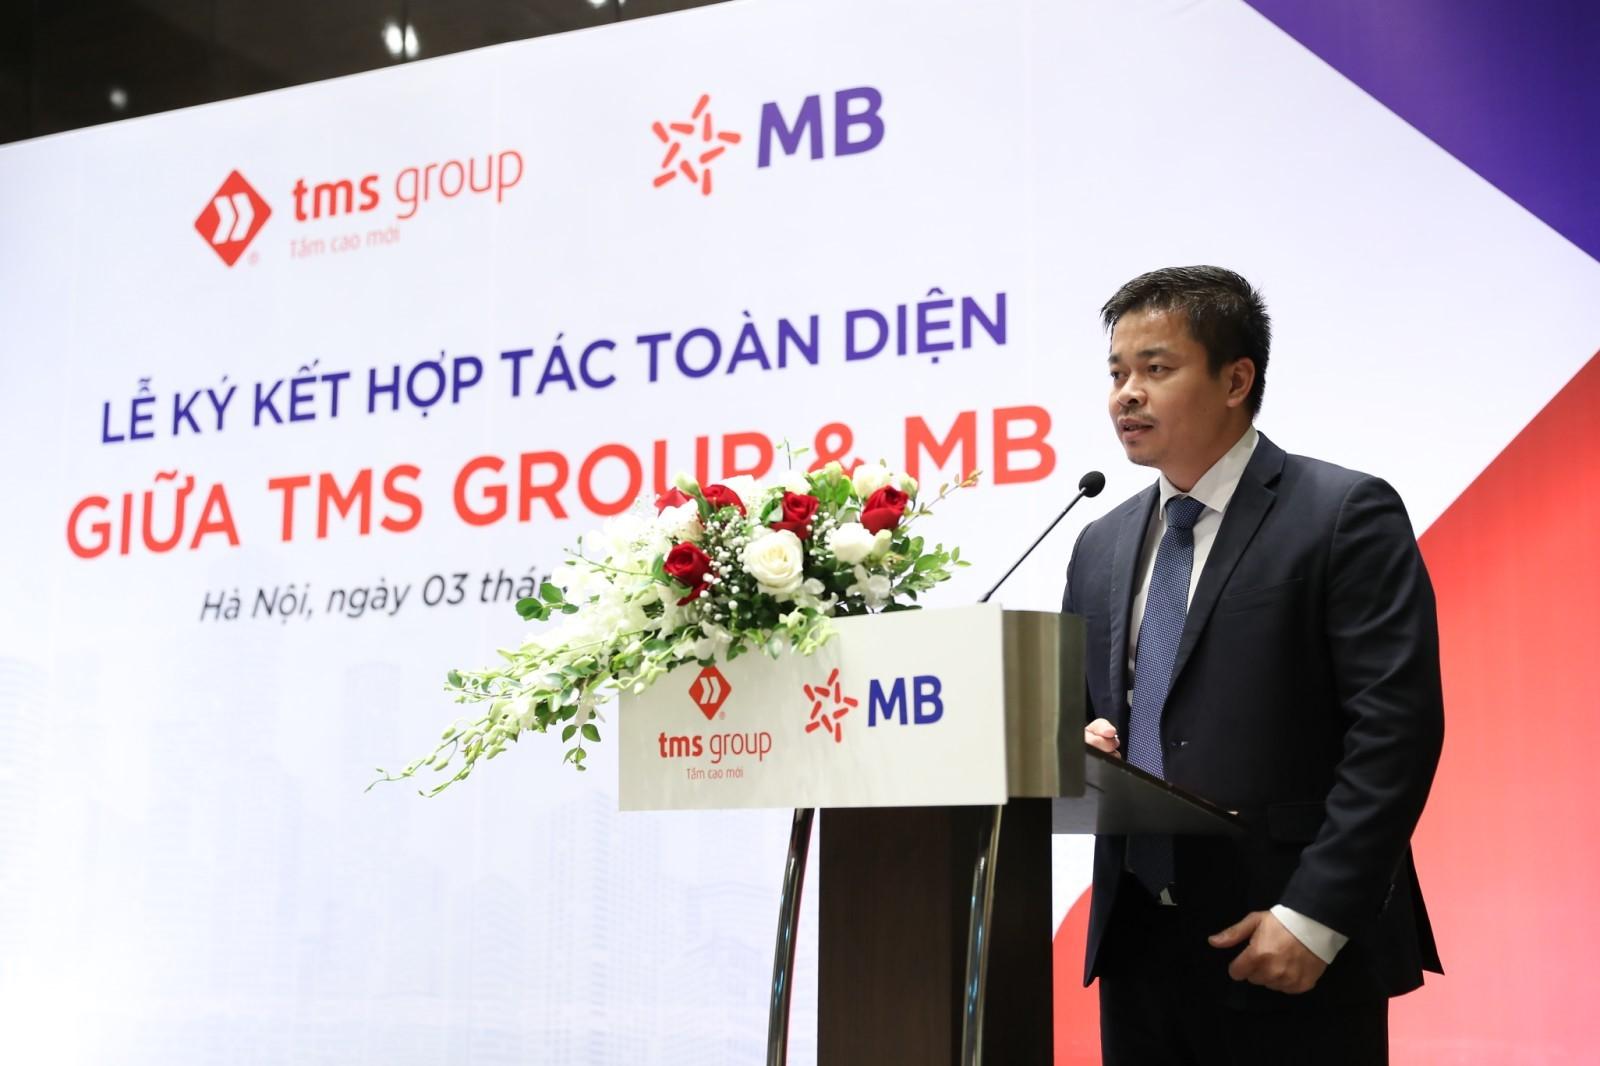 Tổng giám đốc TMS Group – Nguyễn Việt Phương phát biểu tại lễ ký kết